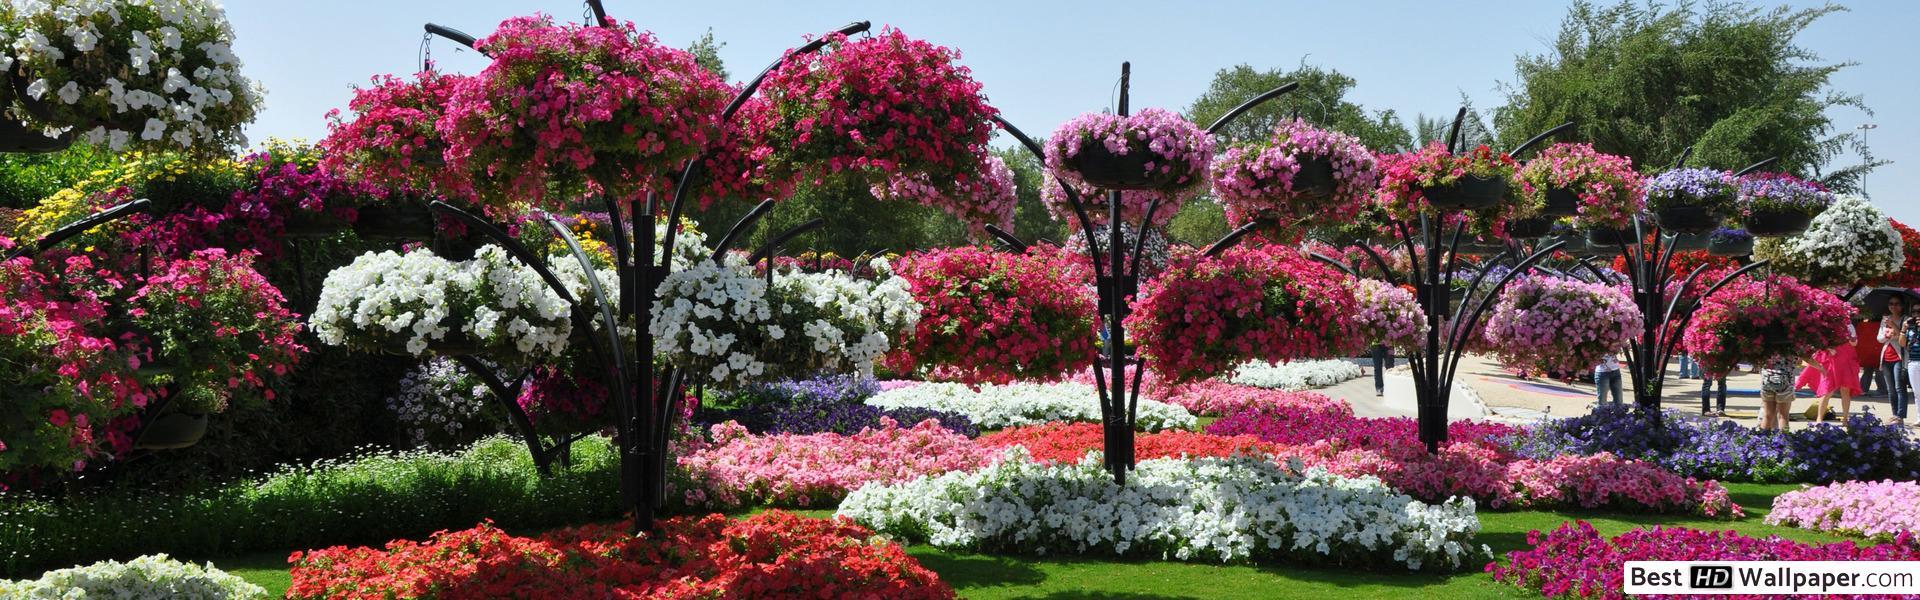 Nature - Jardin Fleuri Hd Fond D'écran Télécharger encequiconcerne Modèle De Jardin Fleuri